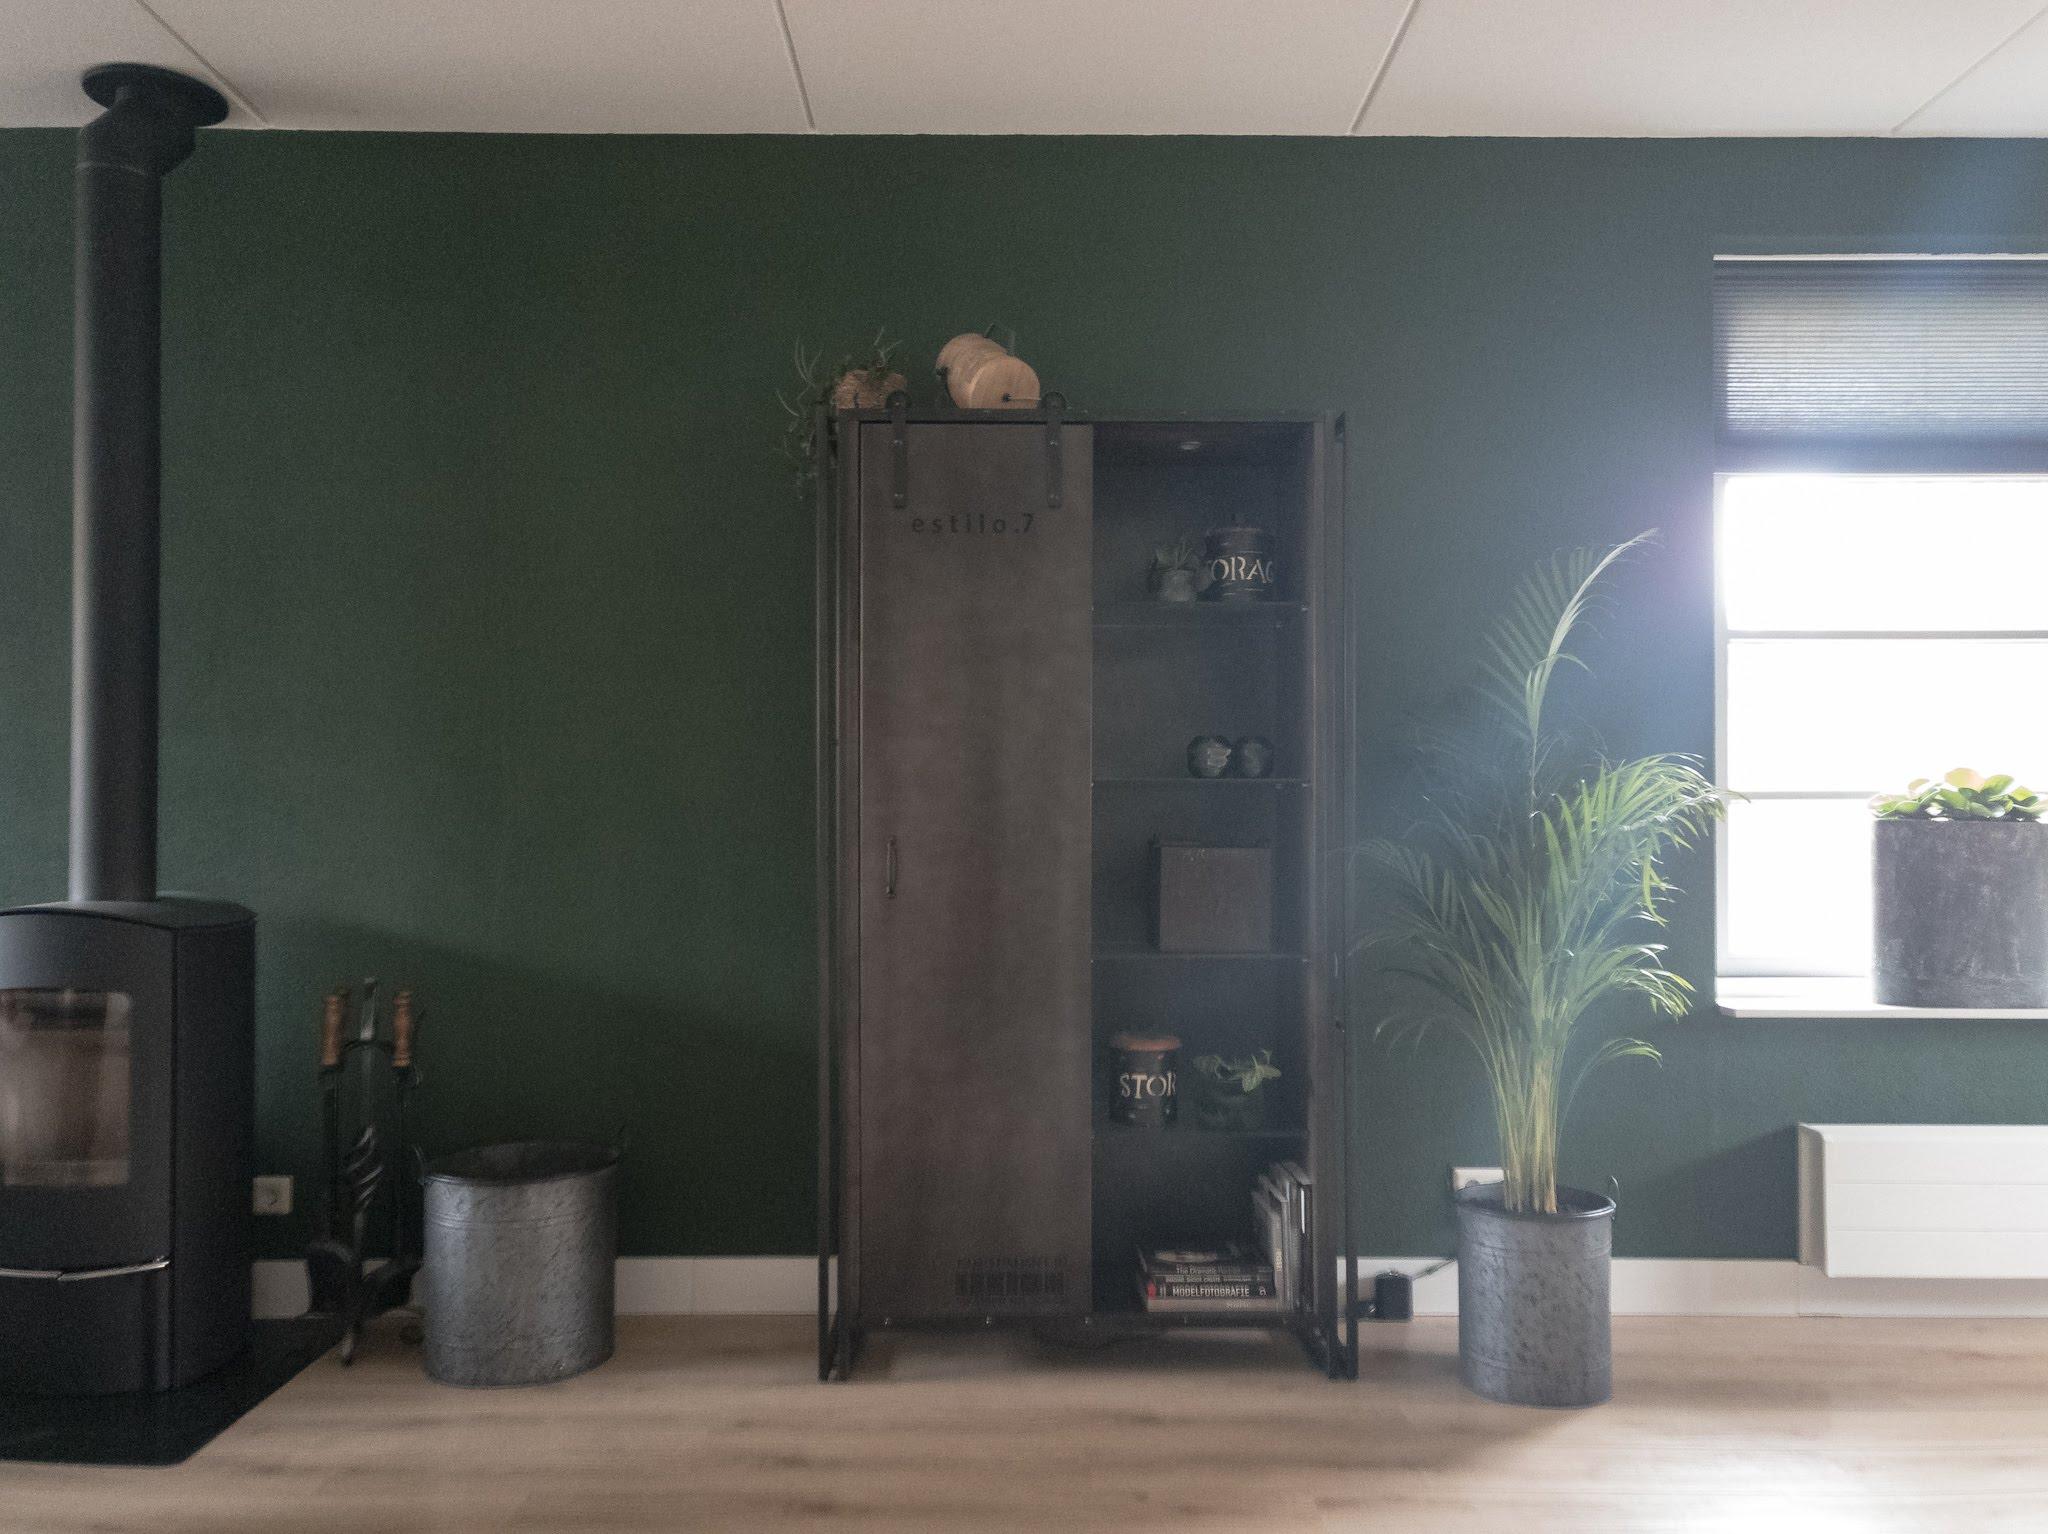 Portfolio interieur foto's woonkamer eethoek groen cognac stoer (6)